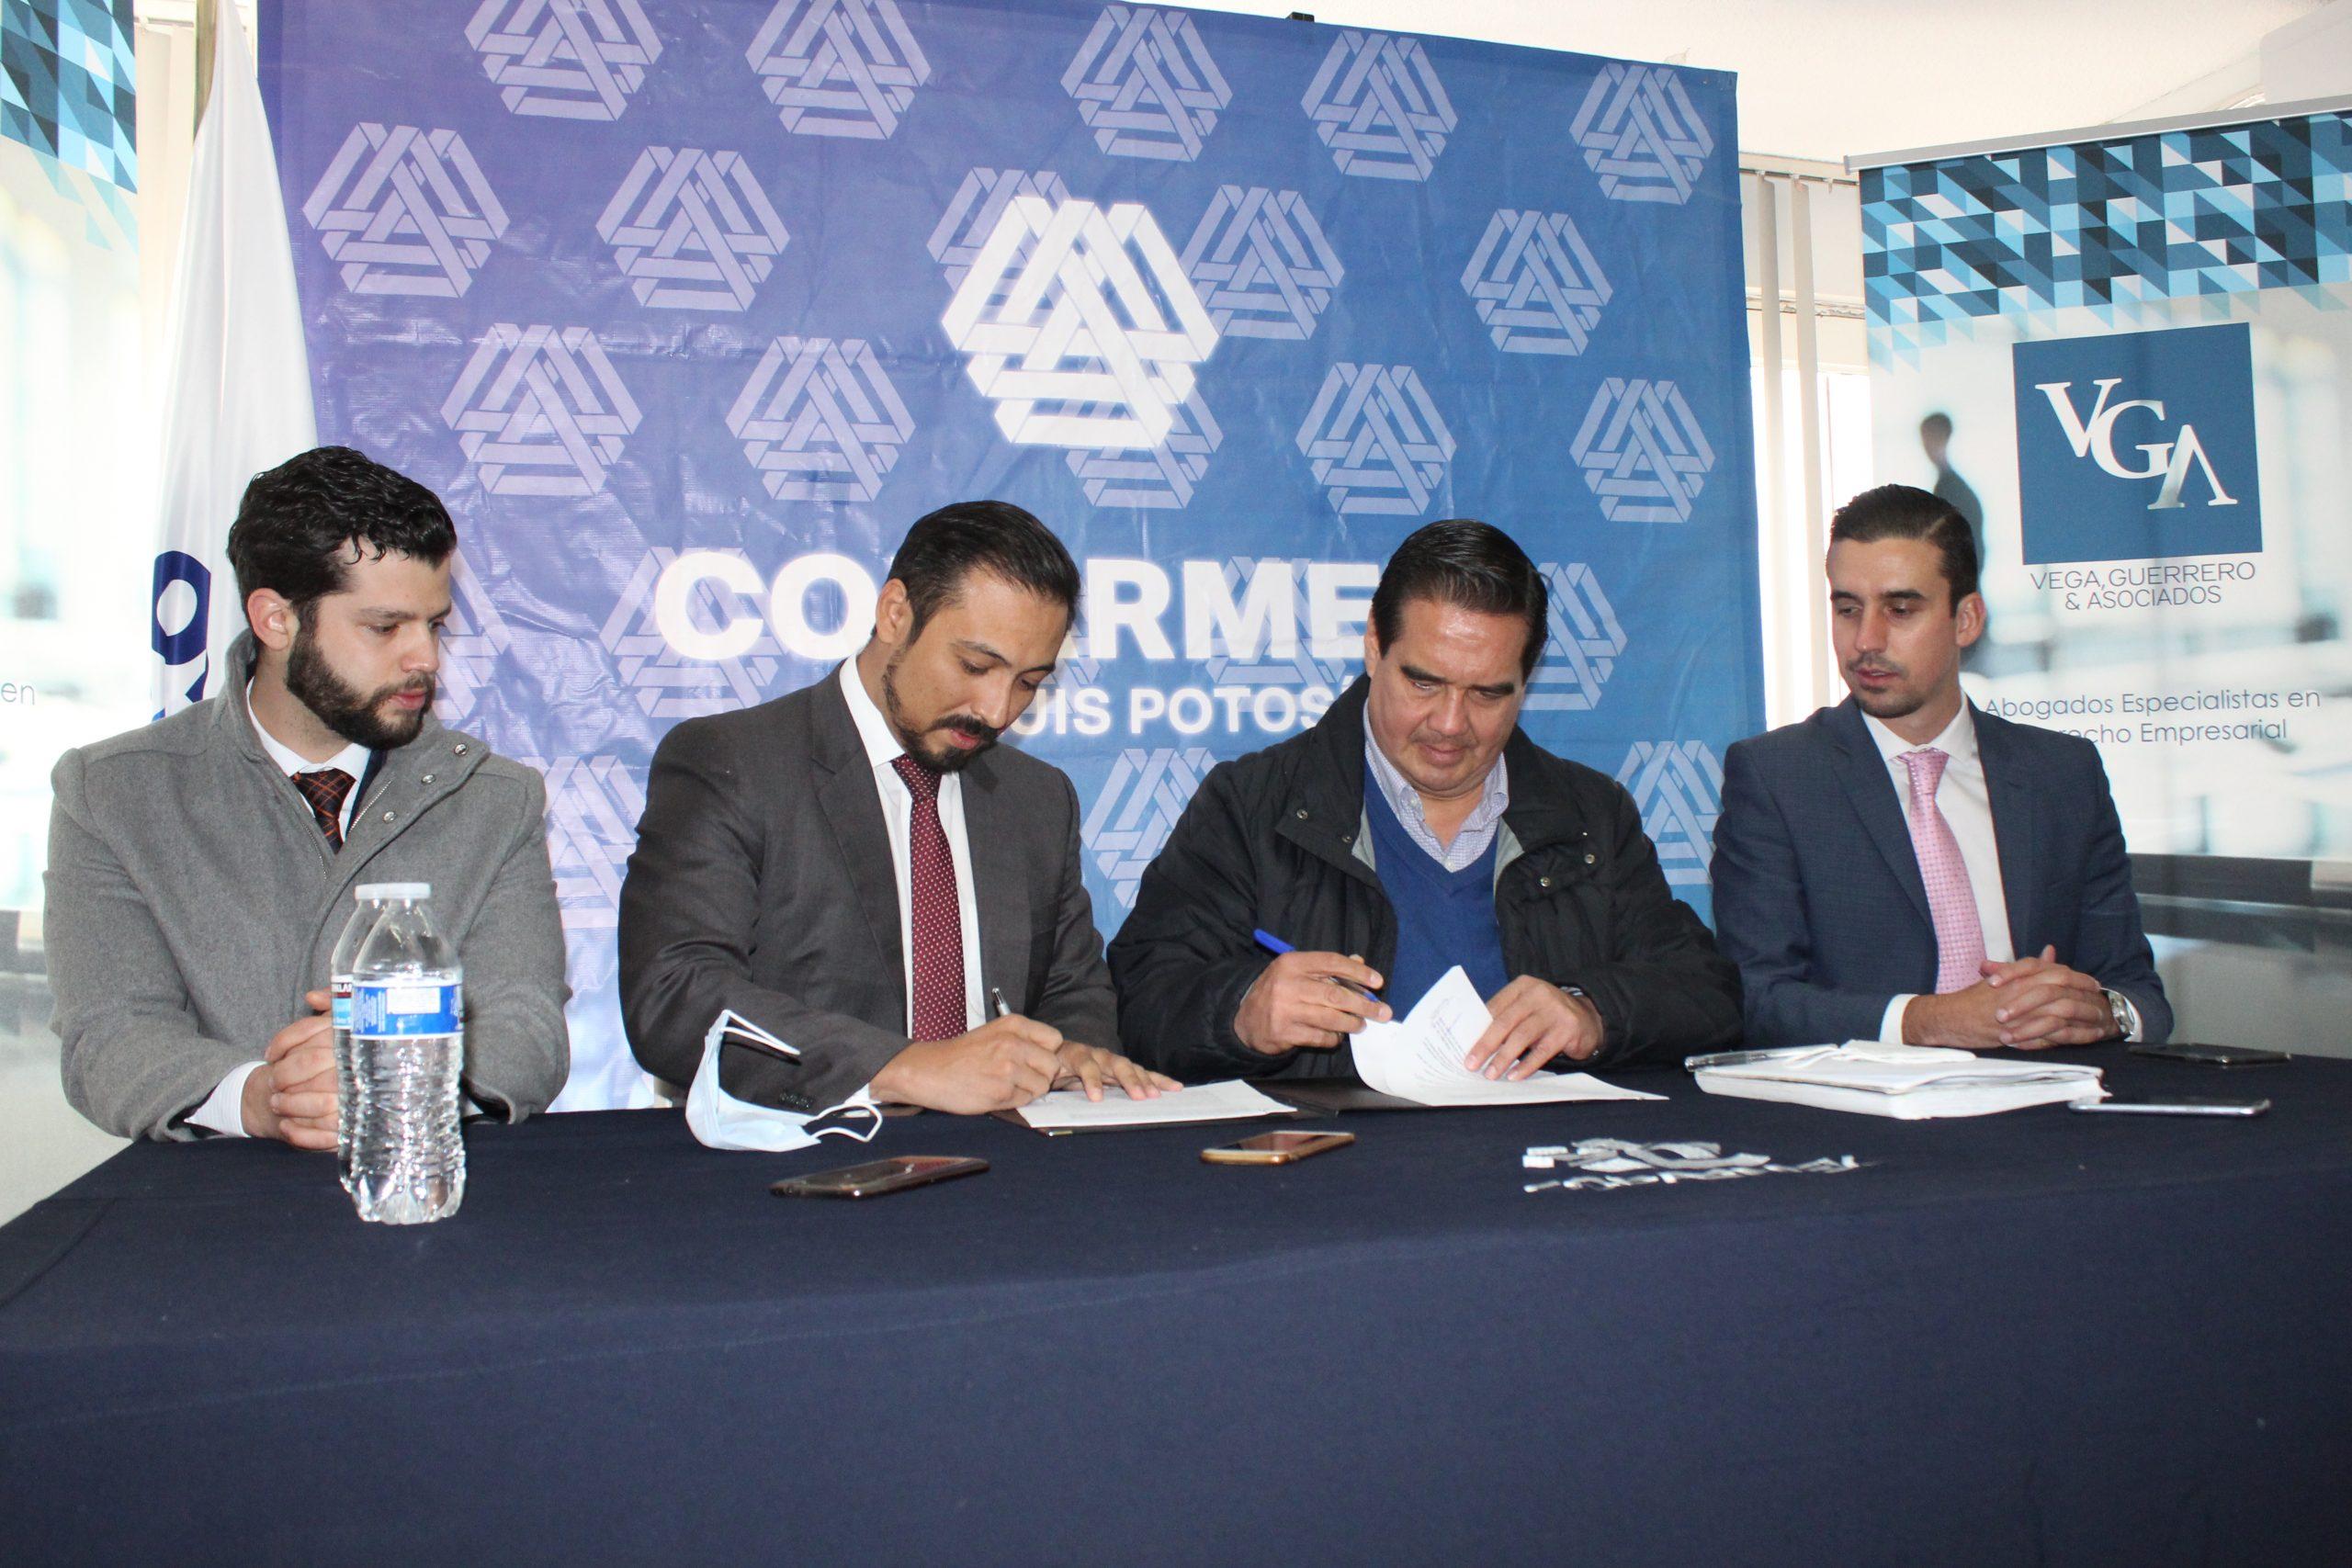 VGA se une con COPARMEX SLP para capacitar jurídicamente al sector empresarial